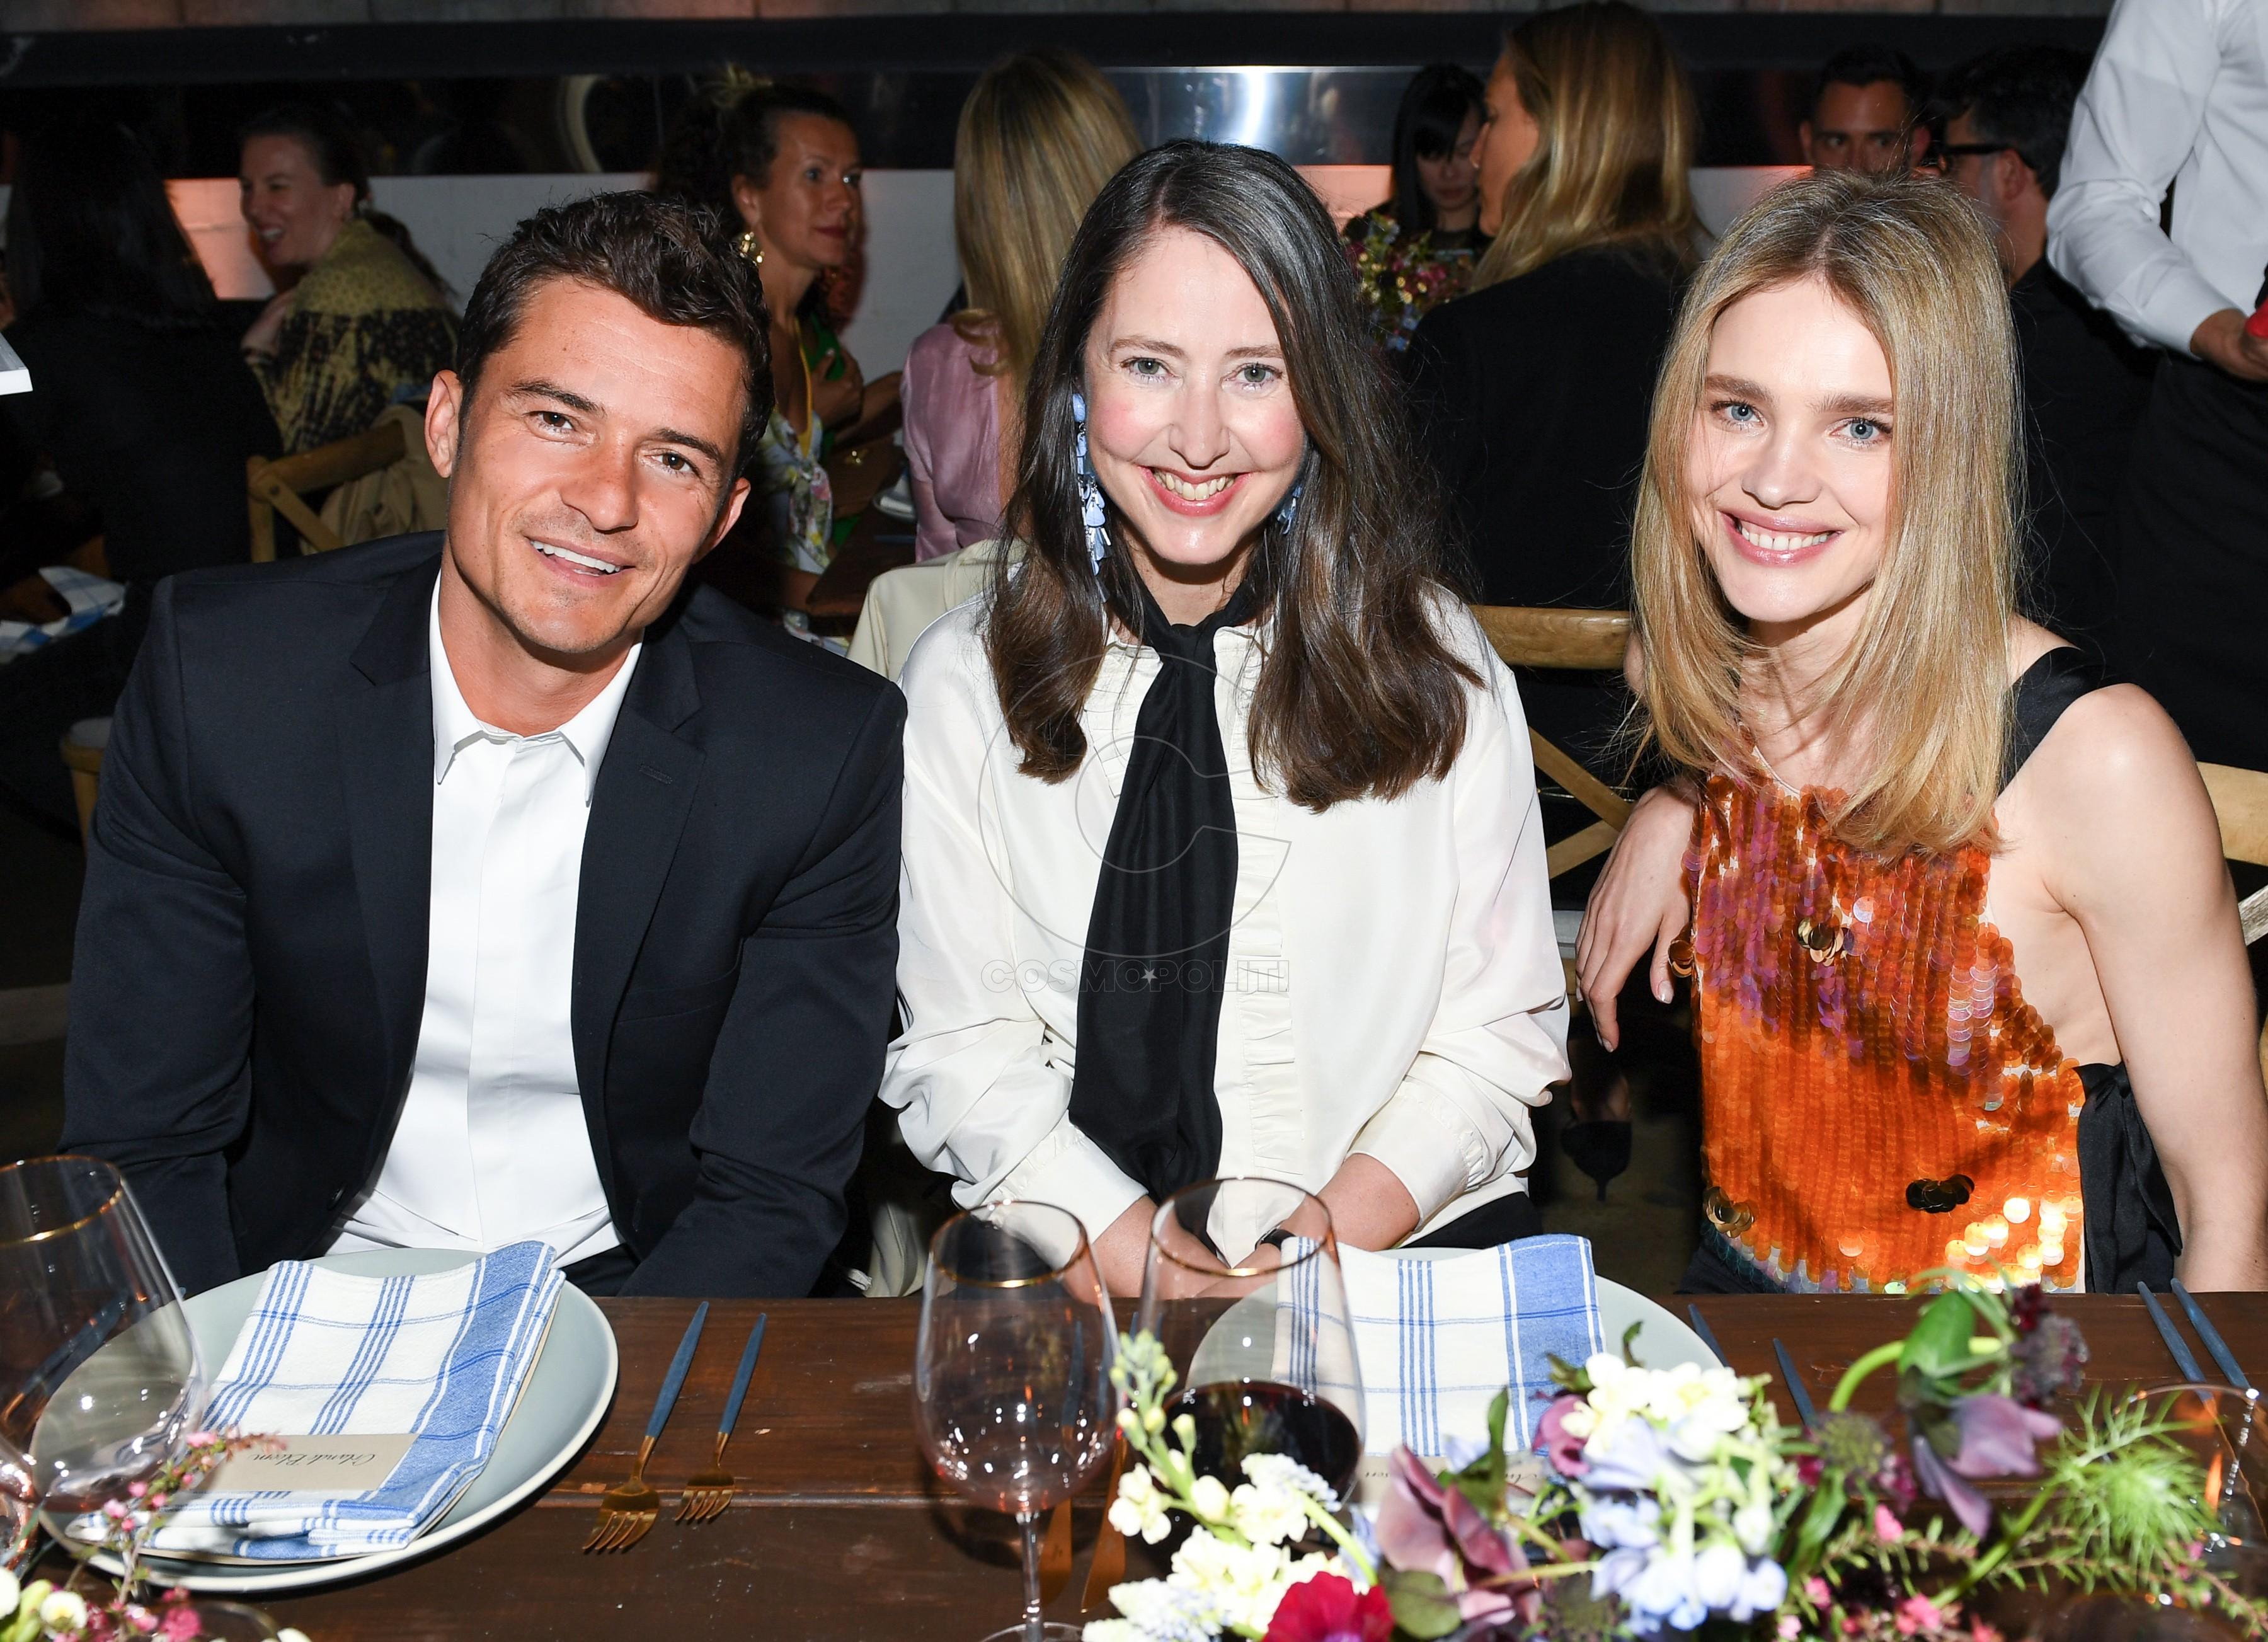 Orlando Bloom, Ann-Sofie Johansson, Natalia Vodianova